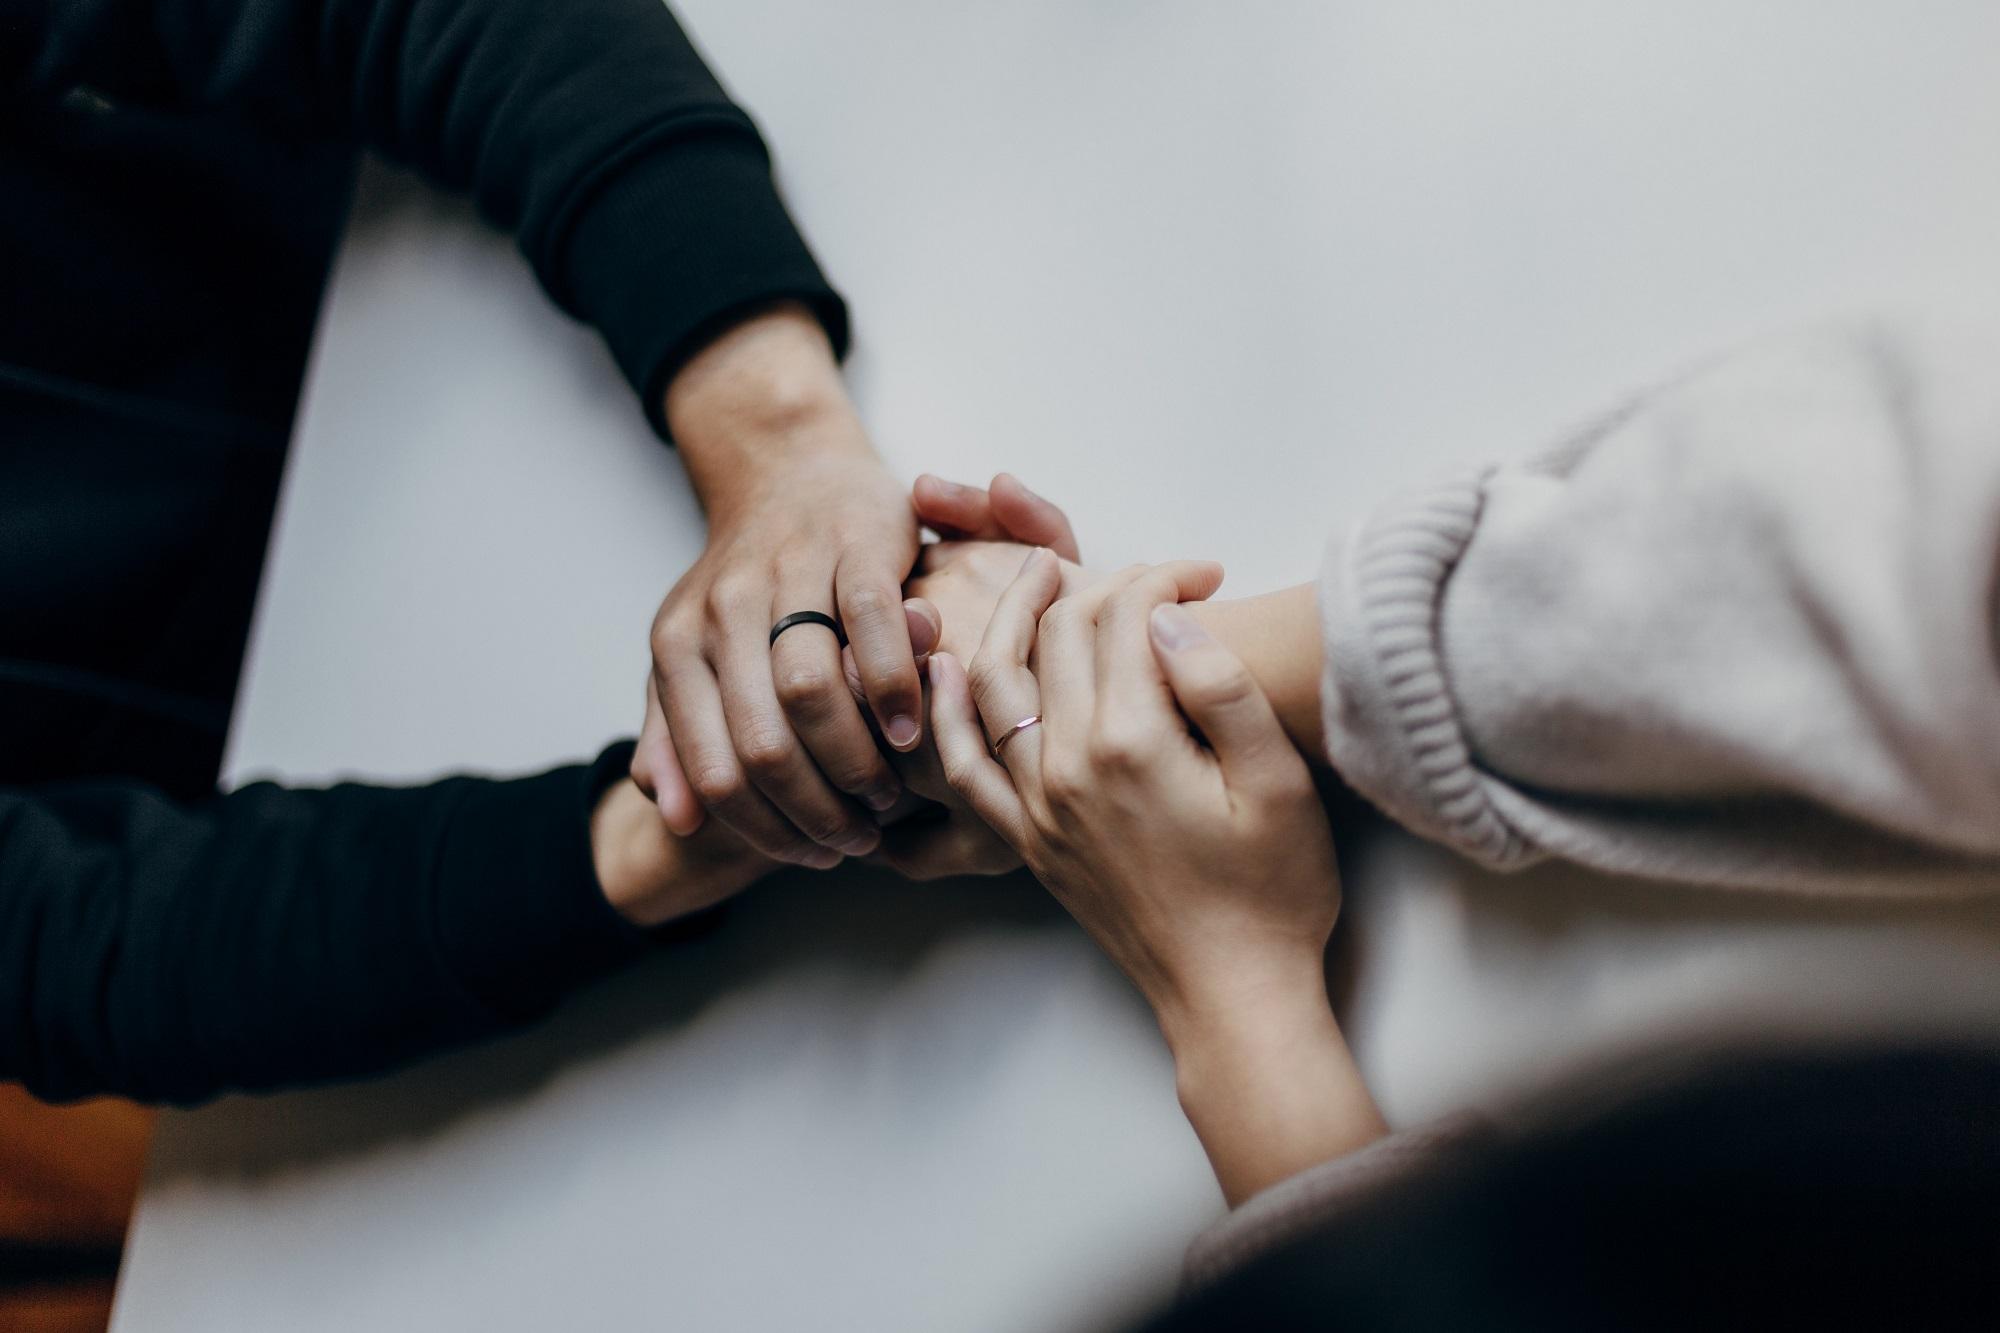 Gesprächssituation, bei der sich zwei Menschen an den Händen halten